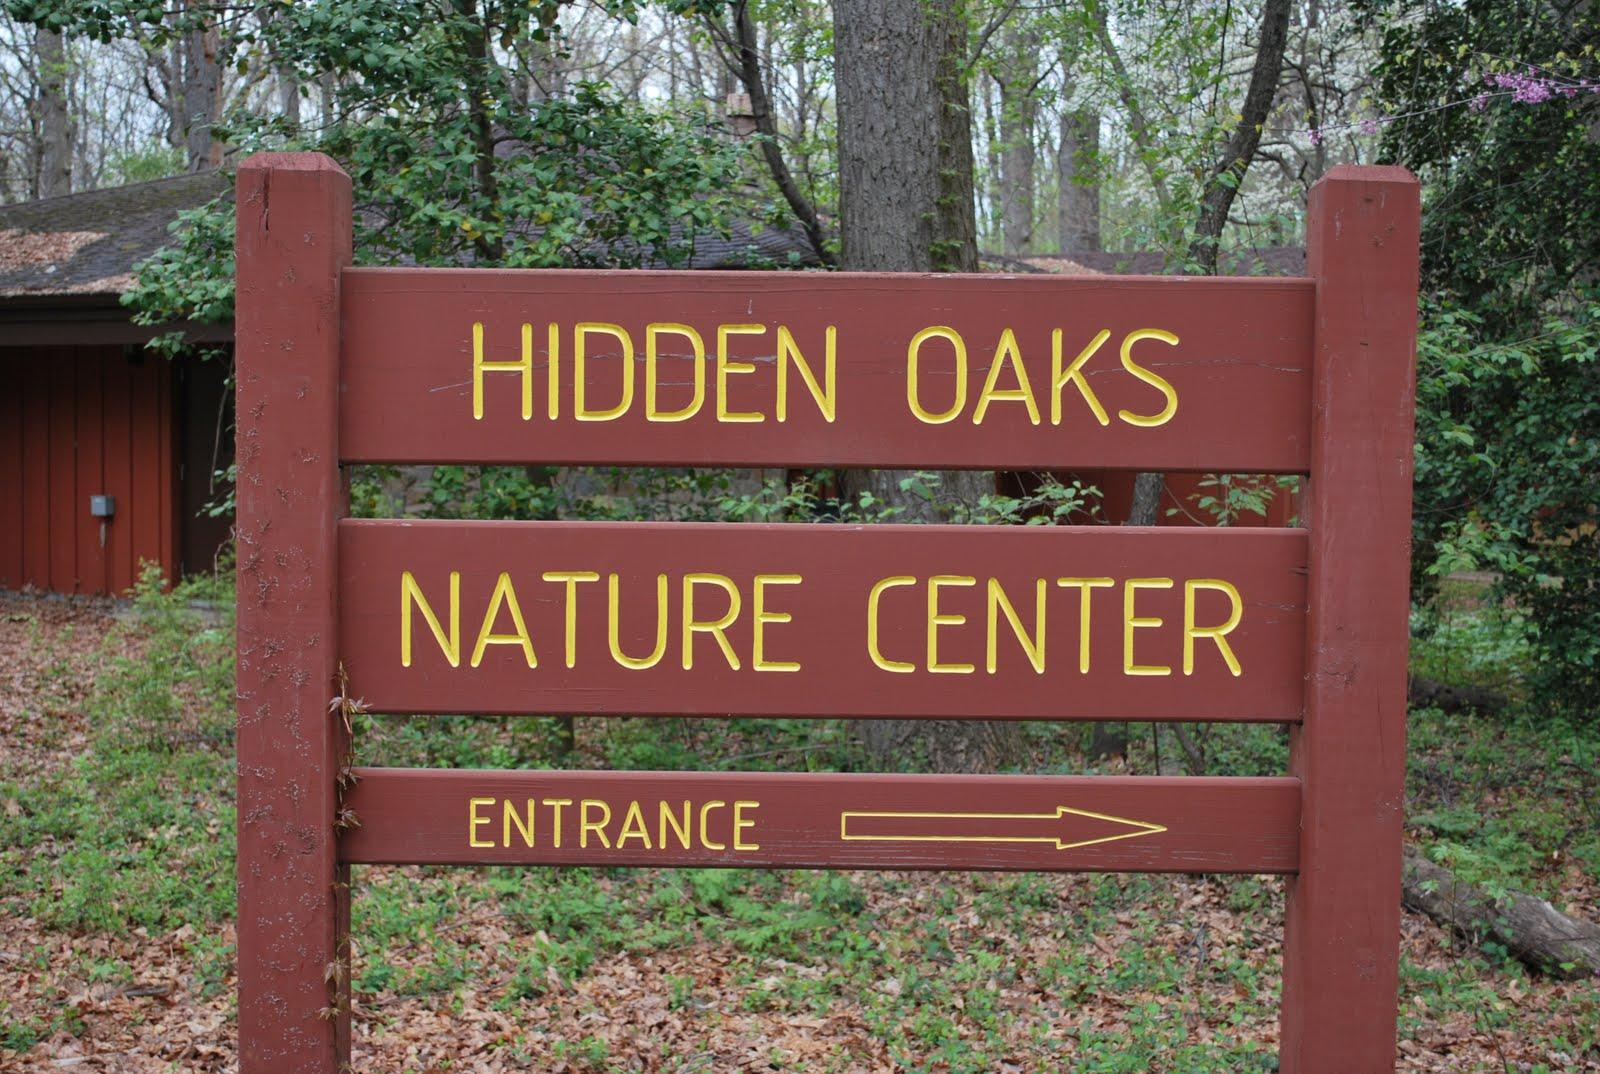 Nature Center Annandale Va